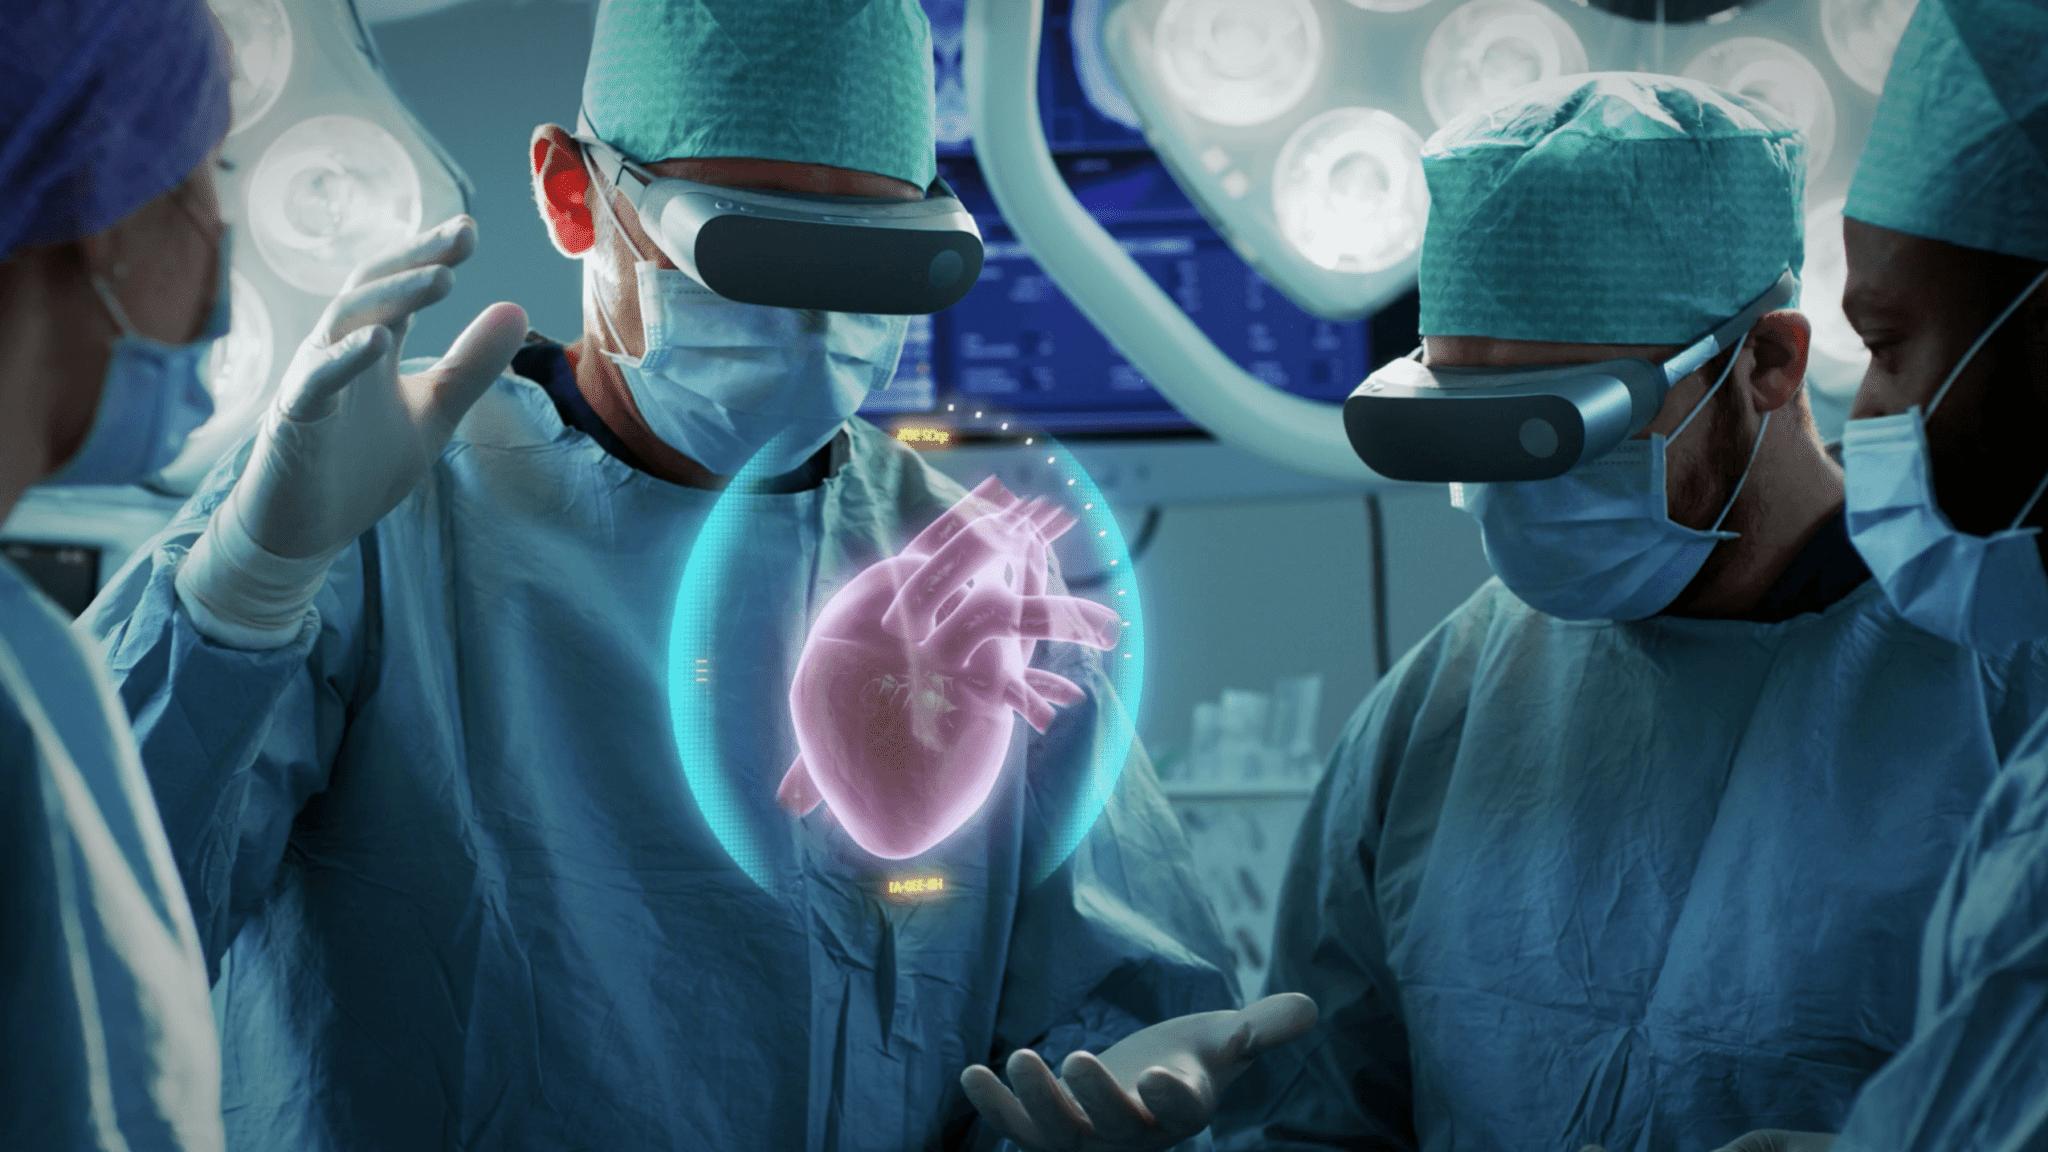 La realtà aumentata (AR) utilizzata nella chirurgia sostitutiva del ginocchio. Credits: Gorodenkoff / shutterstock.com